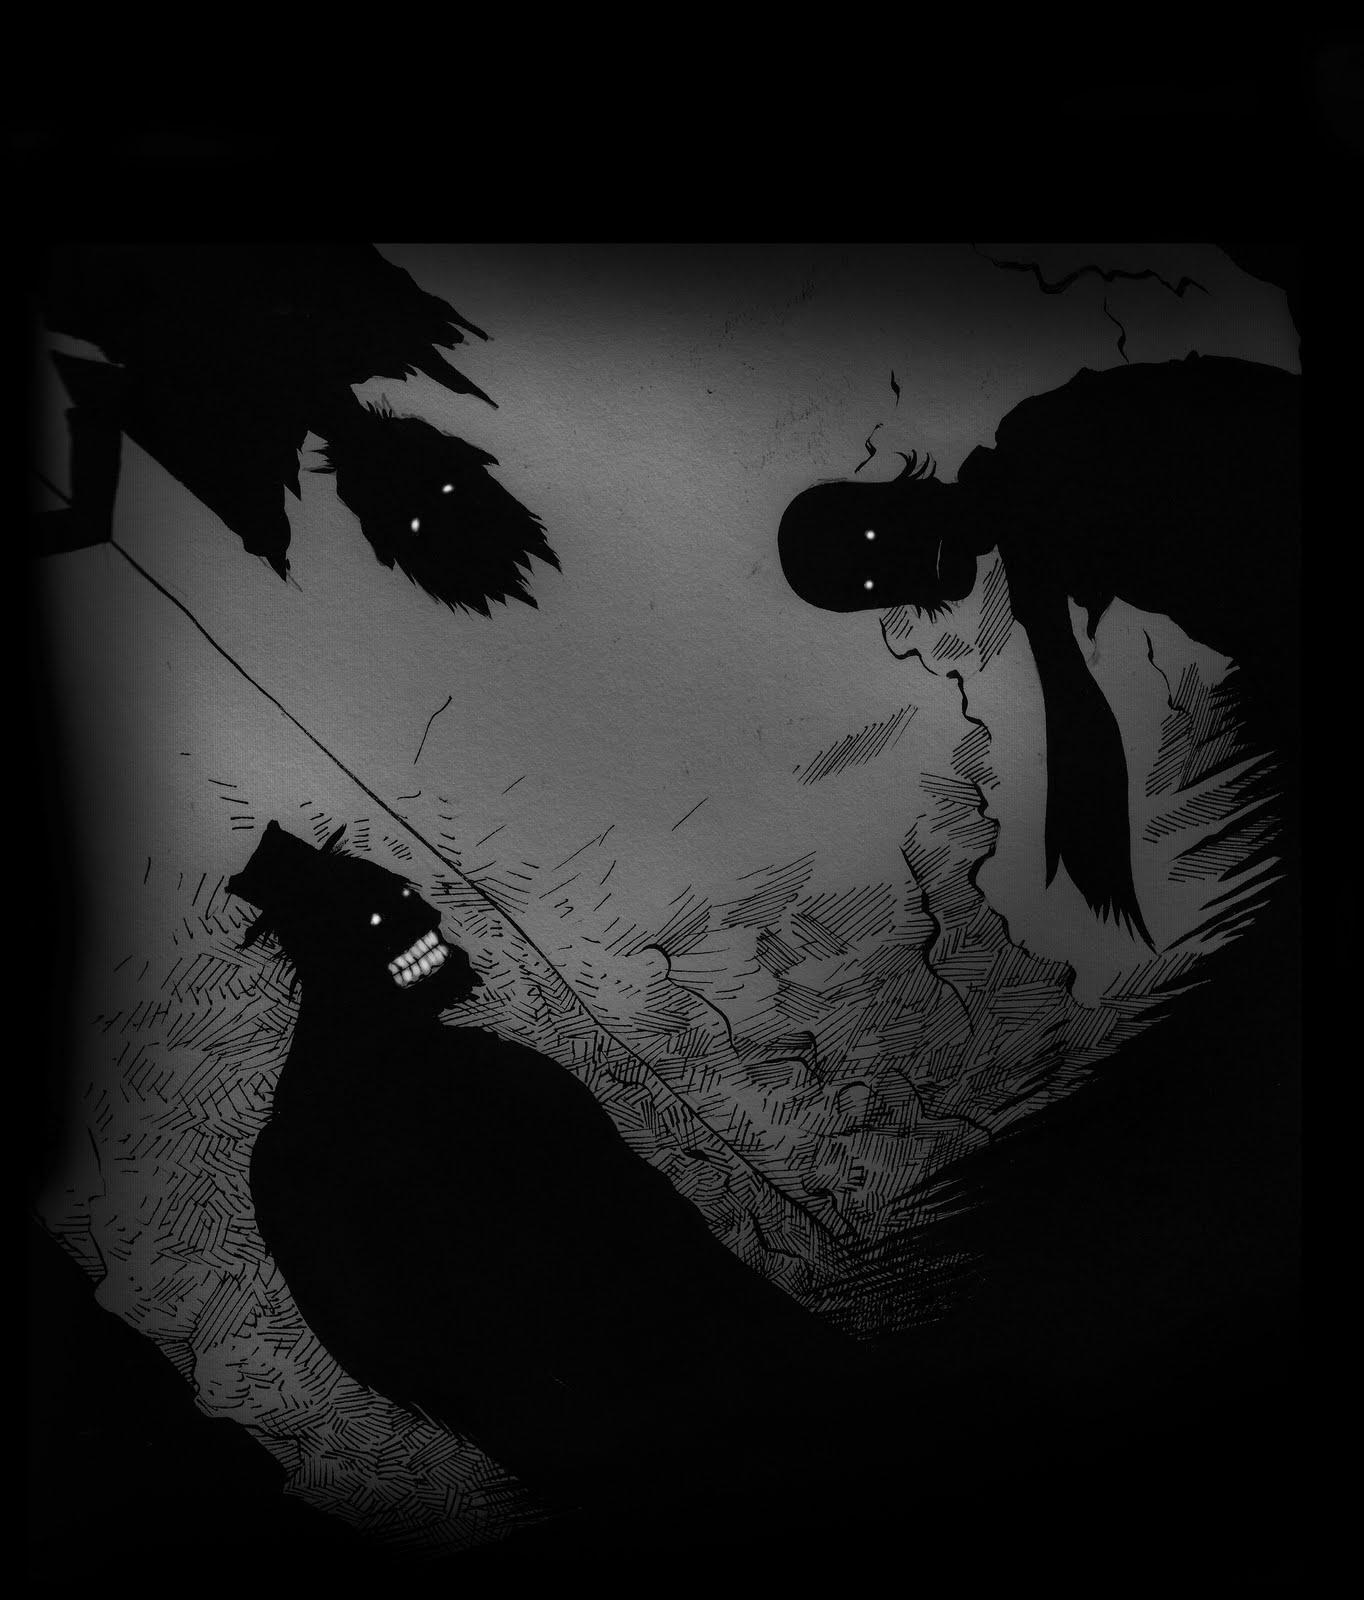 shadowpeople2-1364x1600.jpg